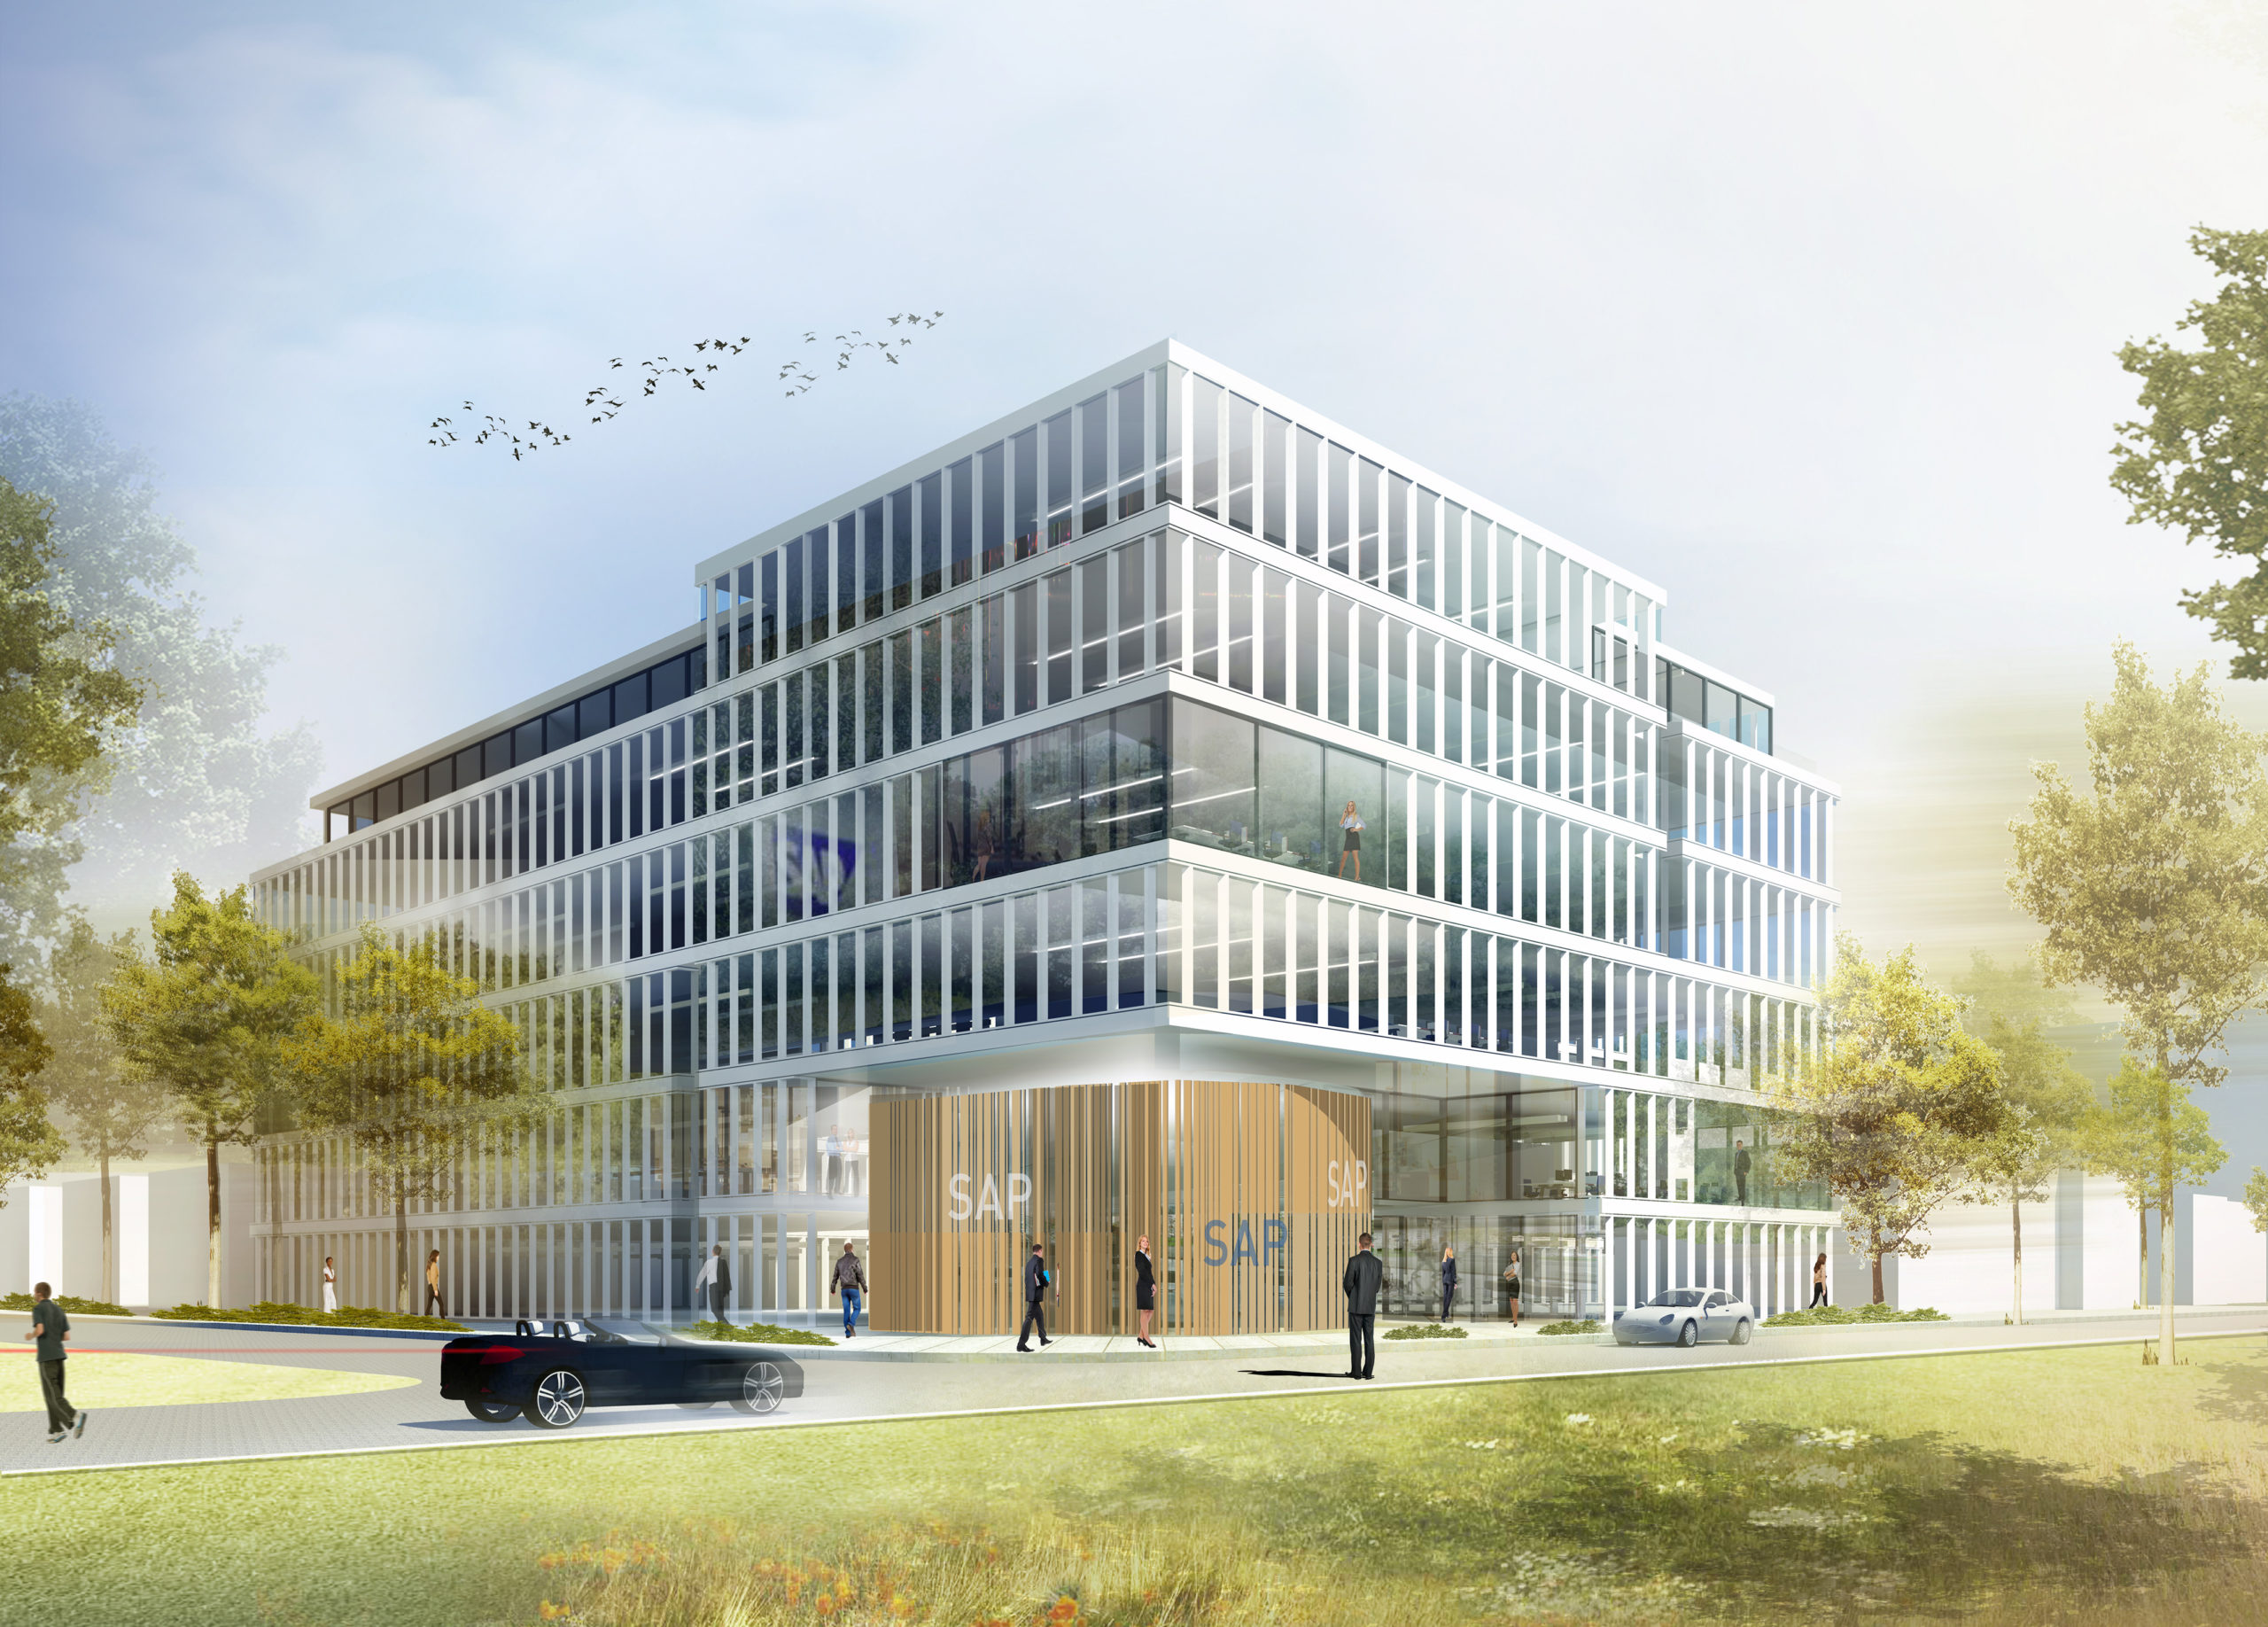 Perspektive Wettbewerb Firmenzentrale SAP in Walldorf von Bitsch+Bienstein Architekten